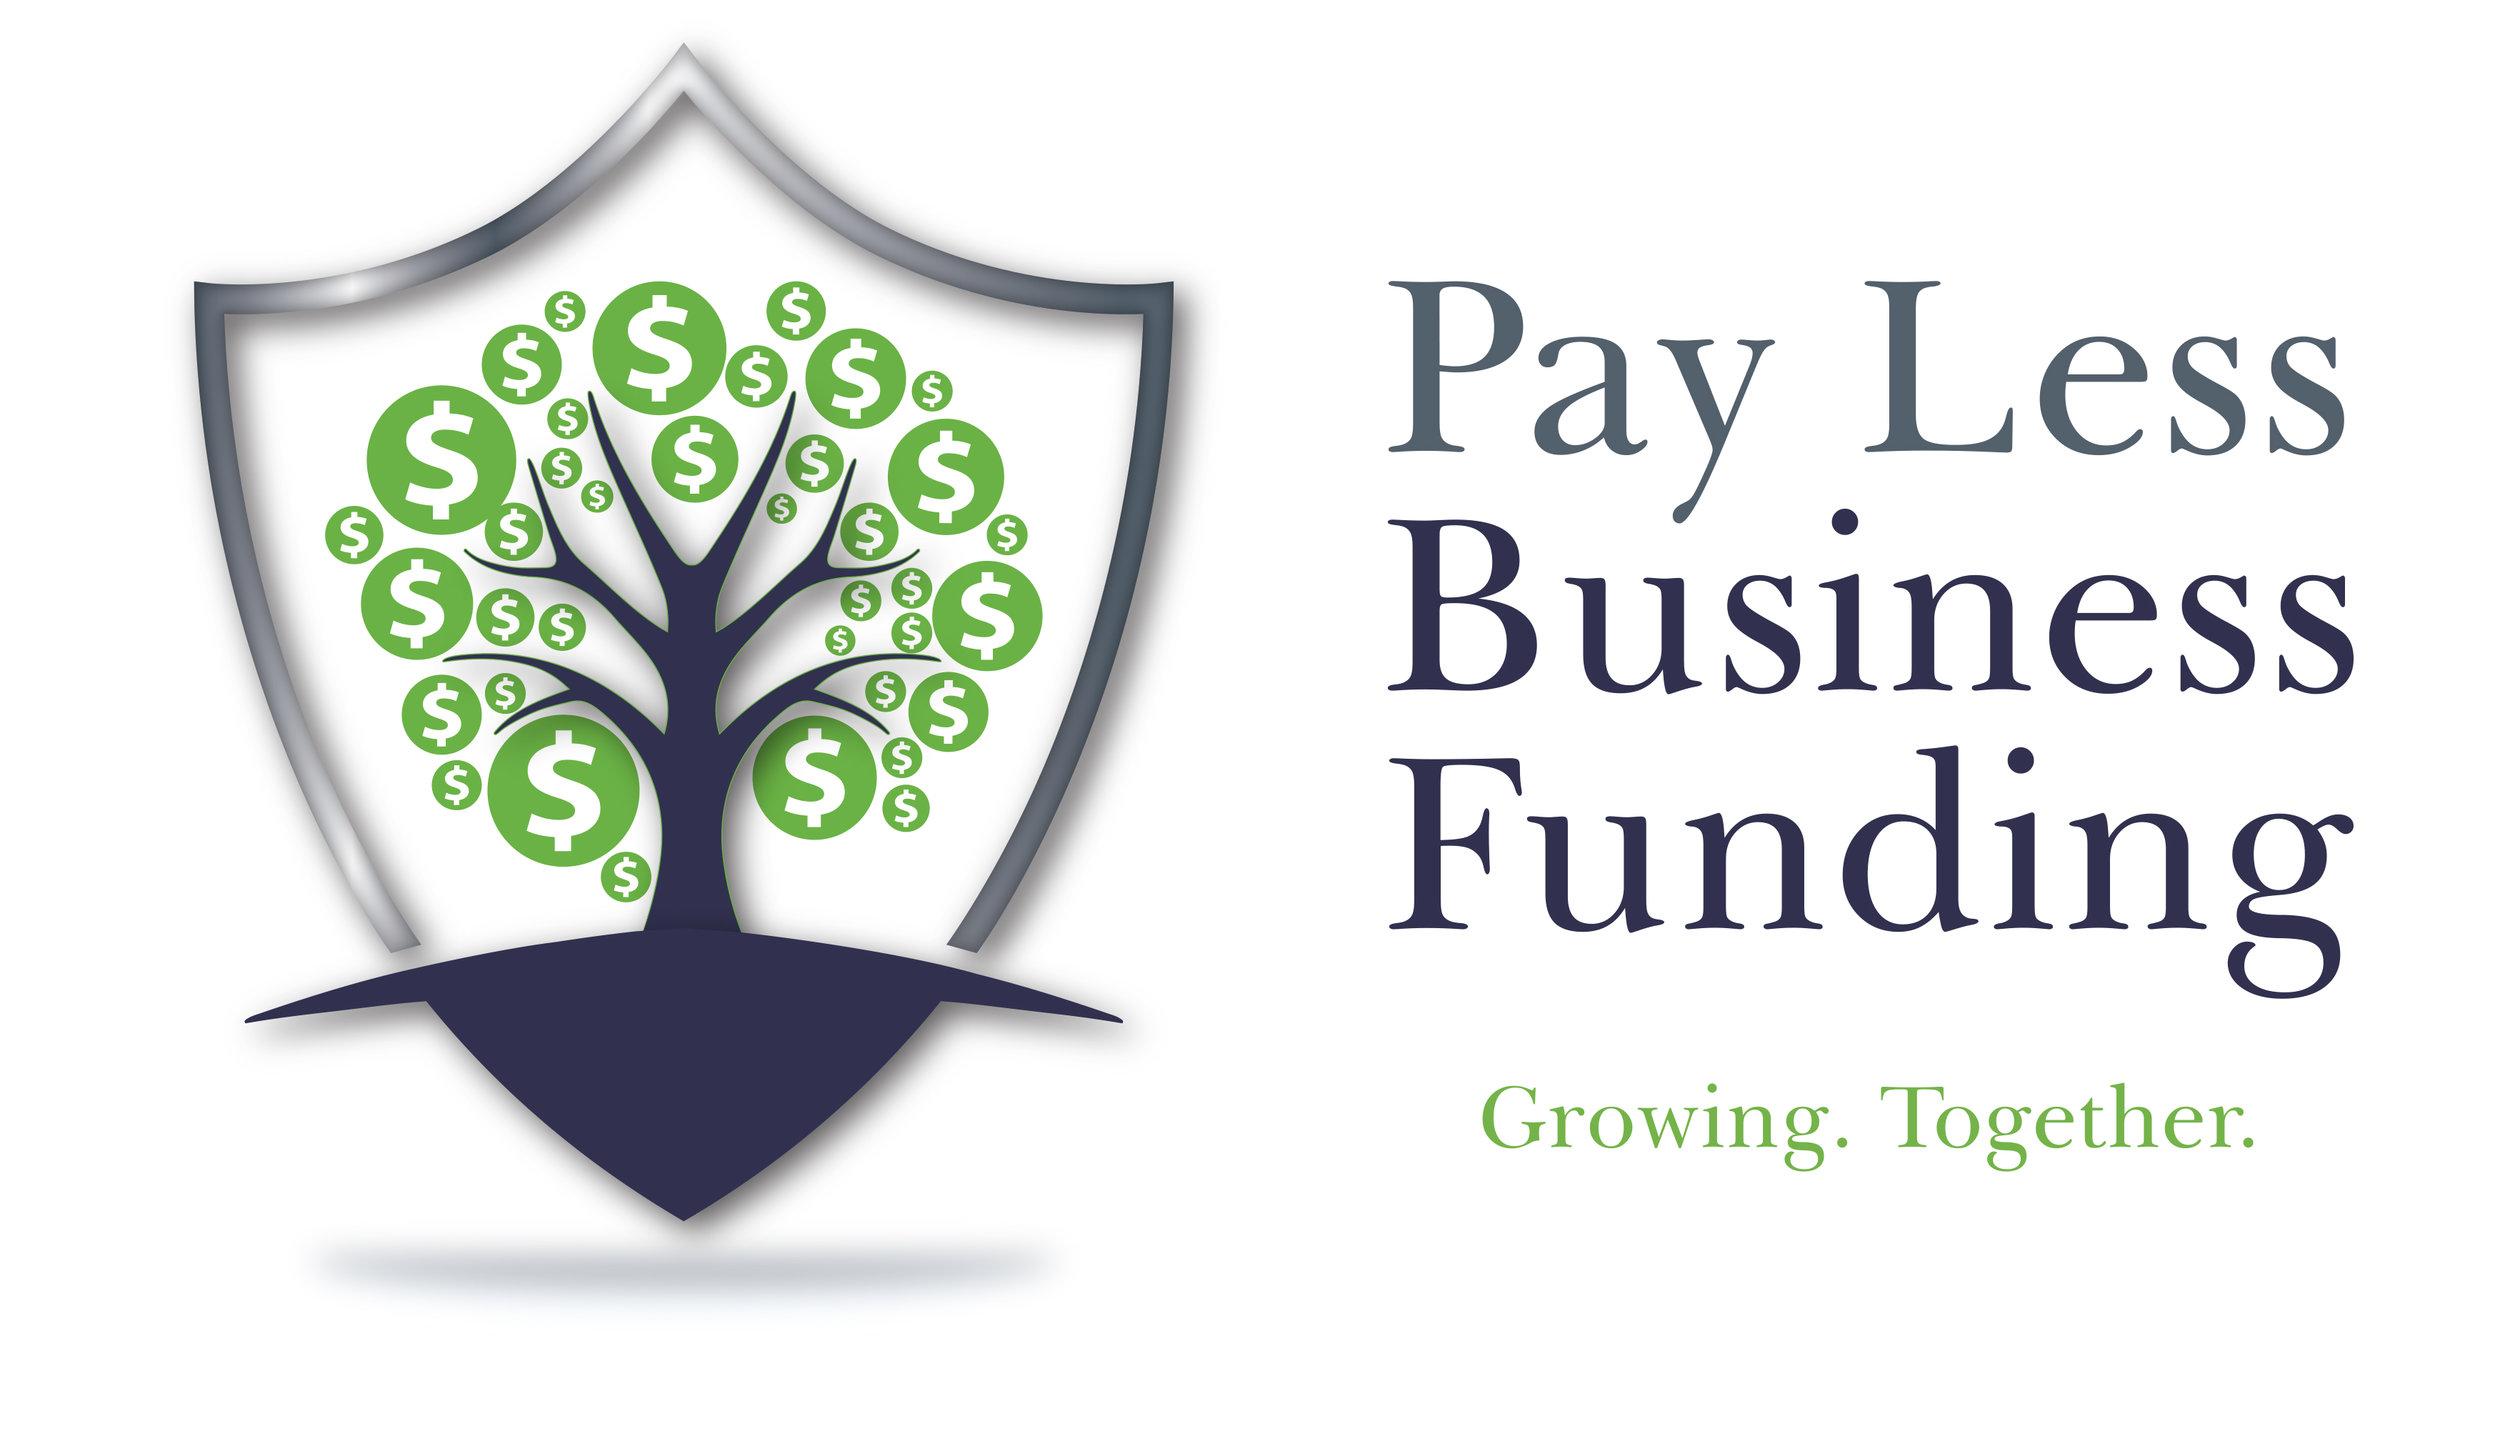 Pay Less Business Funding Logo.jpg